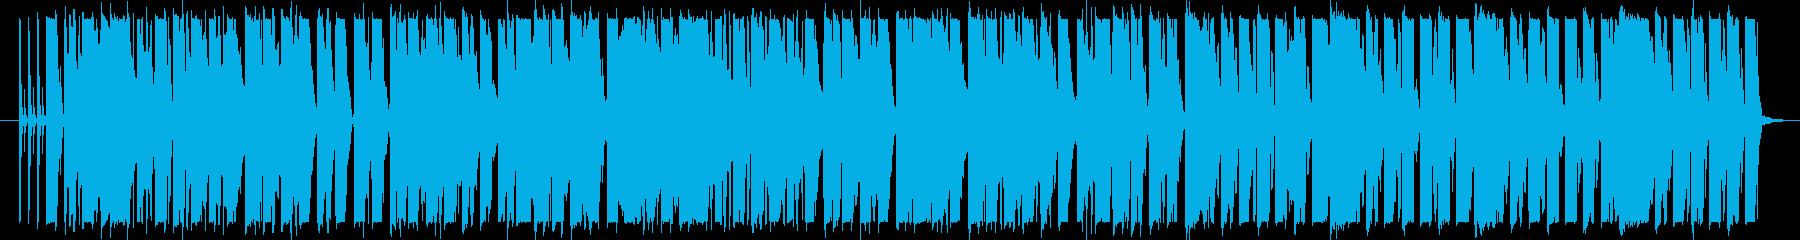 ピコピココミカル・バラエティ番組BGMの再生済みの波形